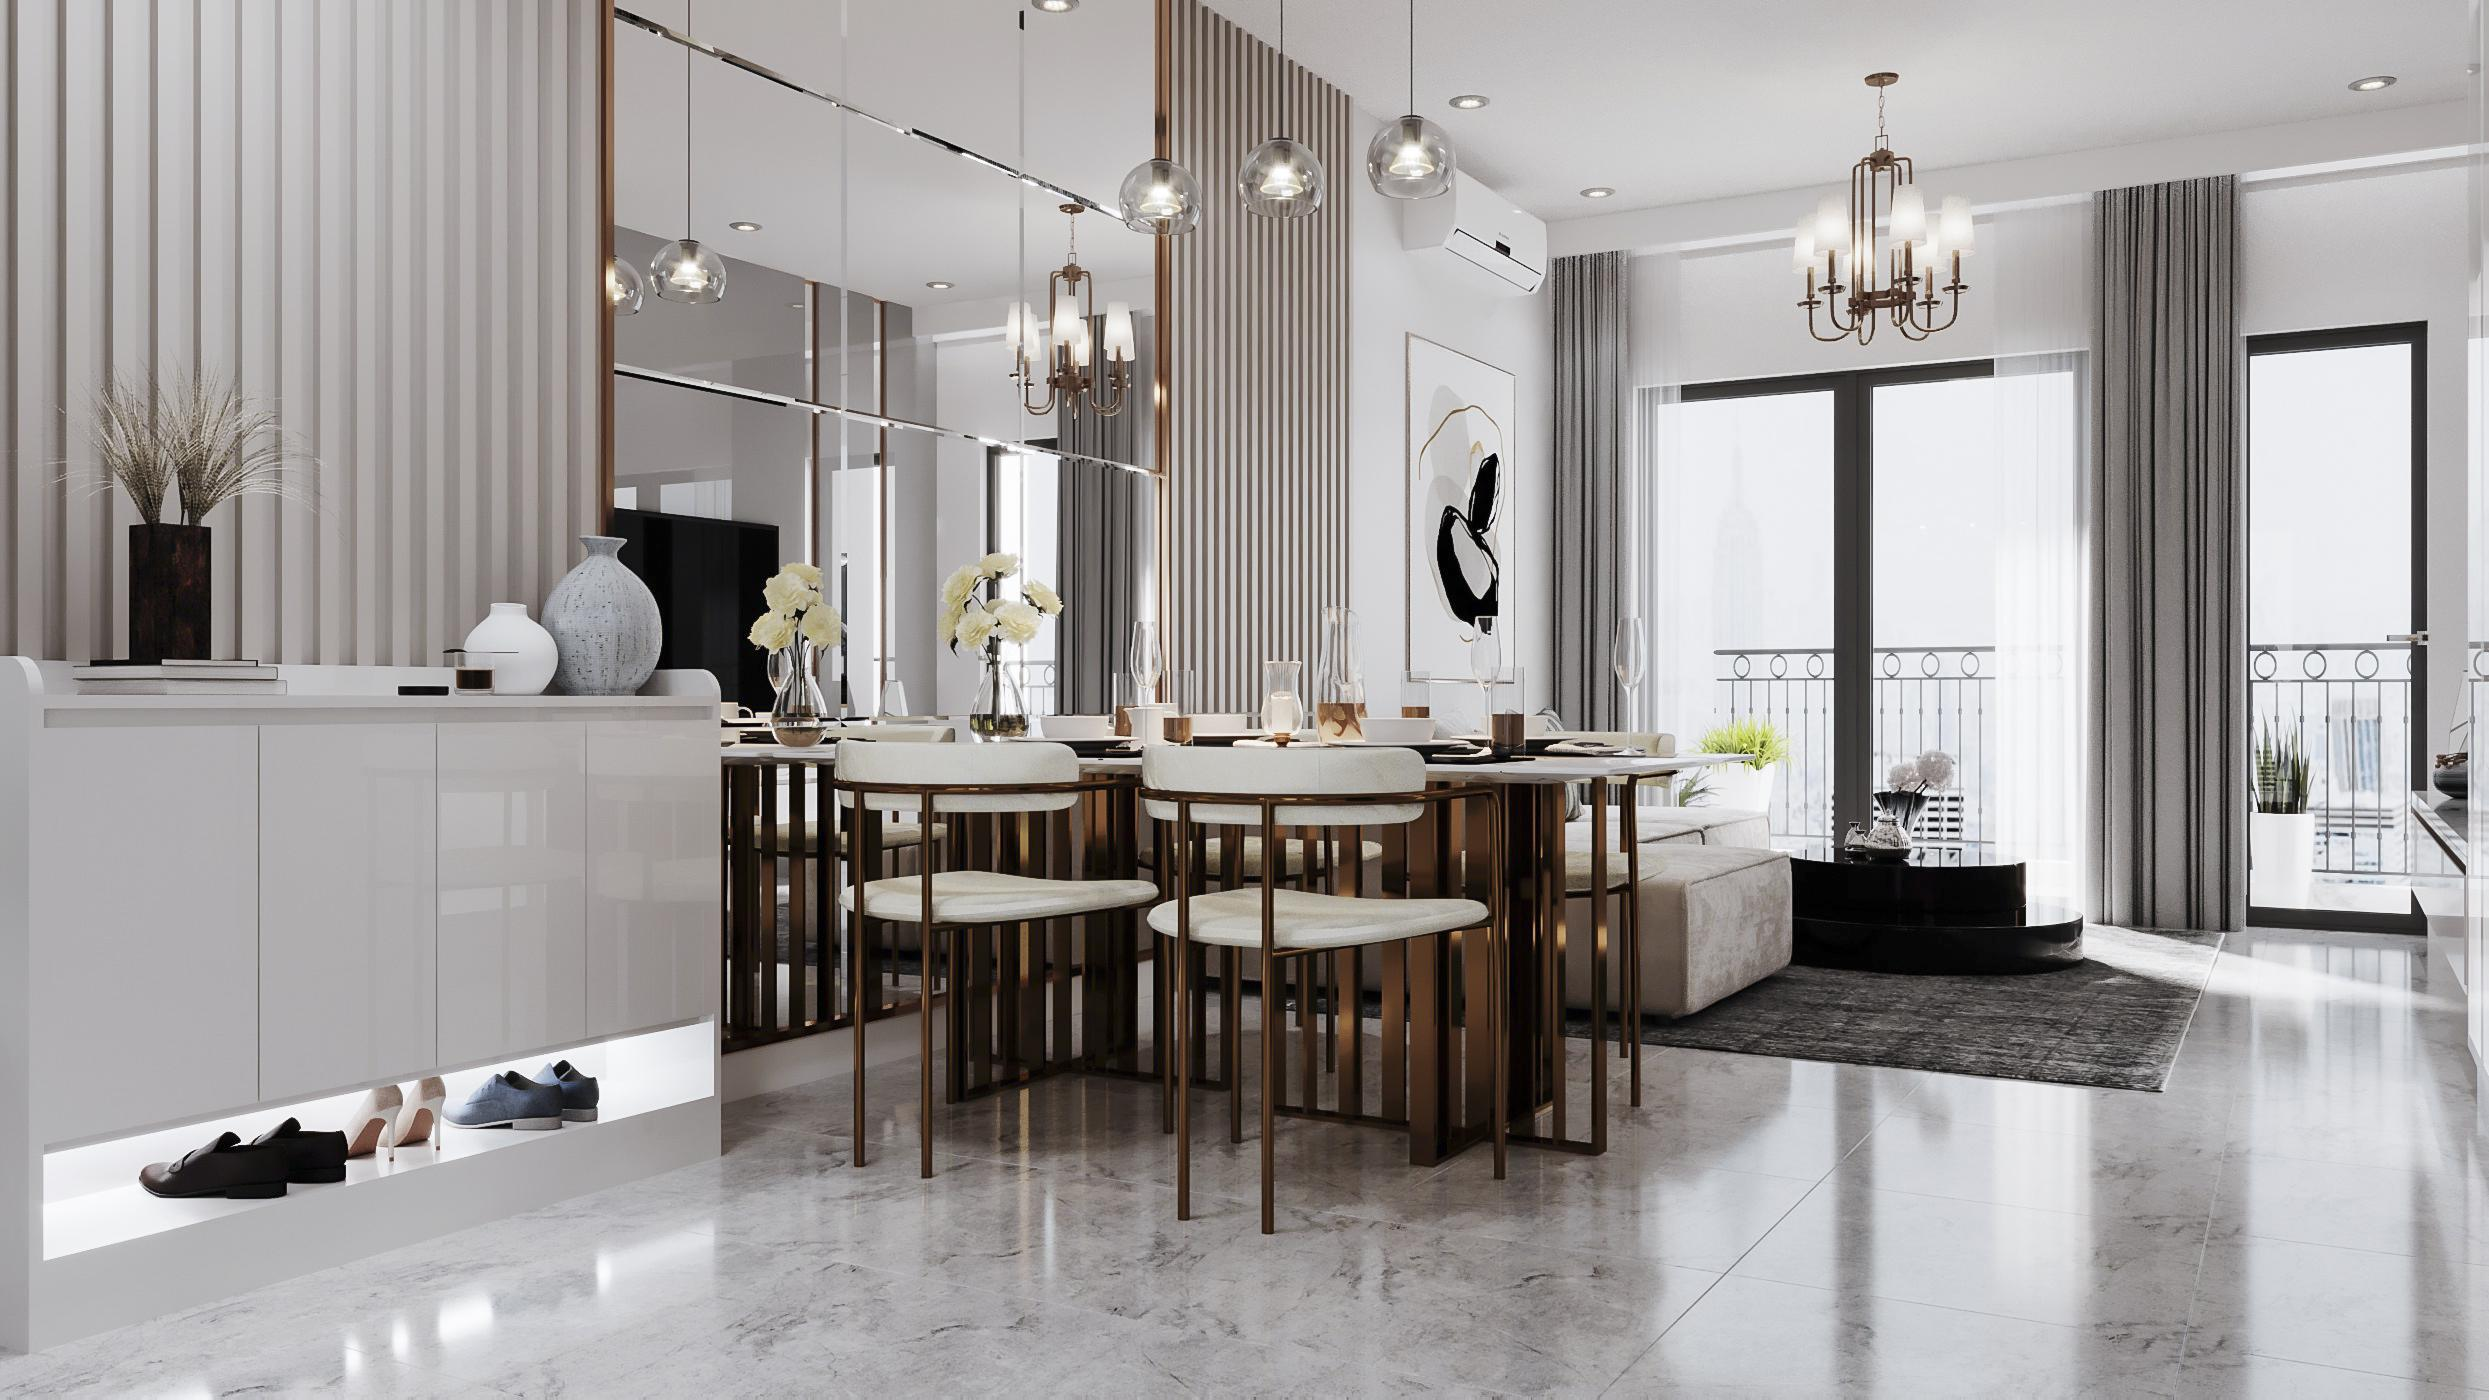 Bán căn hộ 5* Topaz TwinsTT Biên Hòa - đủ loại diện tích - tầng - vị trí - giá rẻ nhất thị trường LH 0945 255 207 Ngọc Thùy PKD2